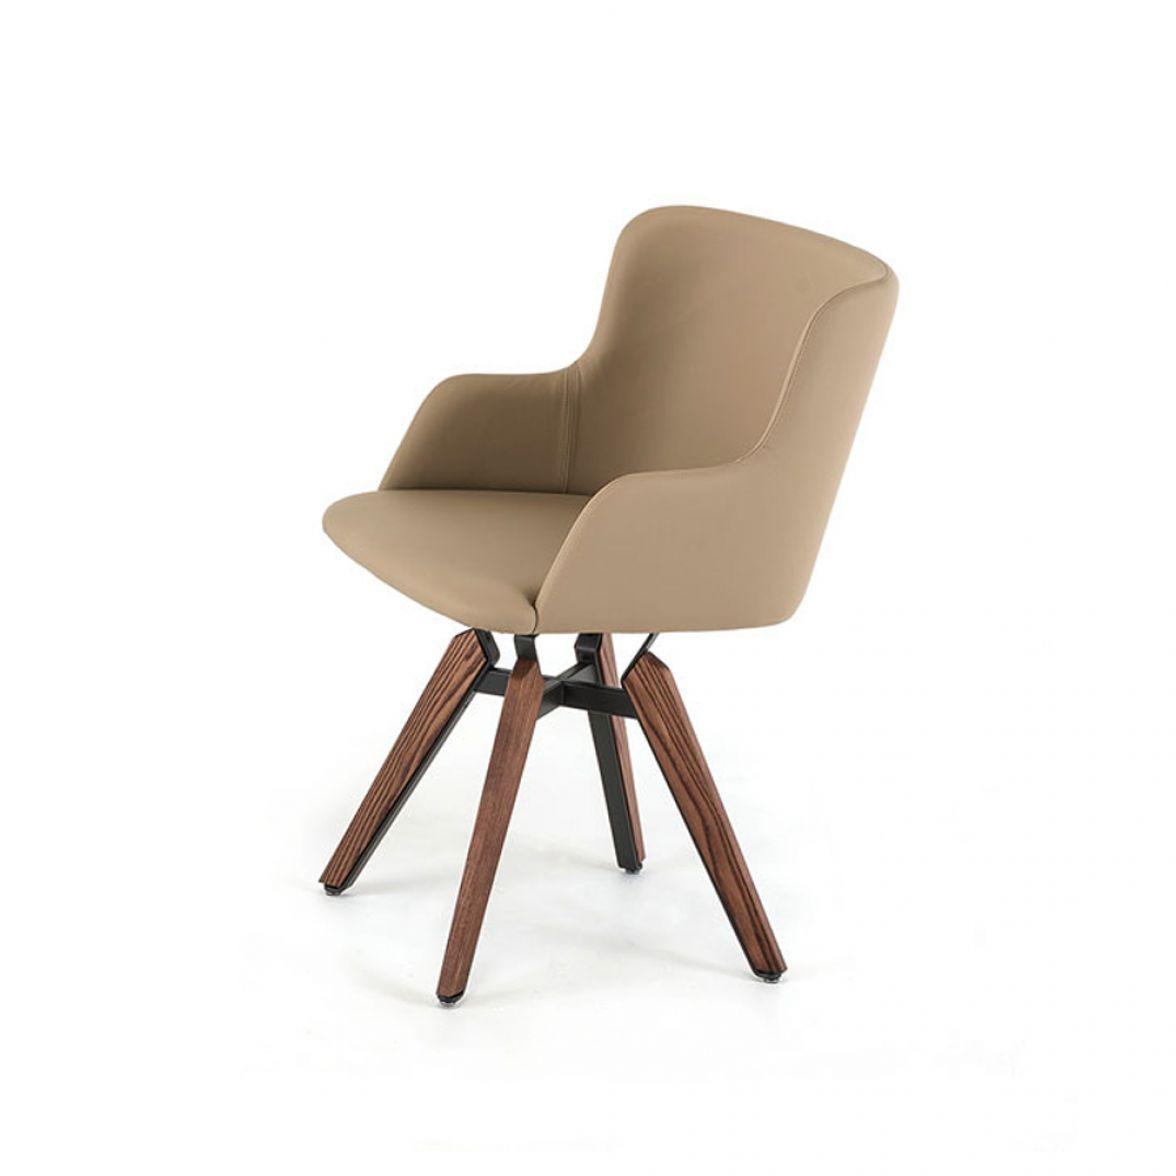 Mulan chair